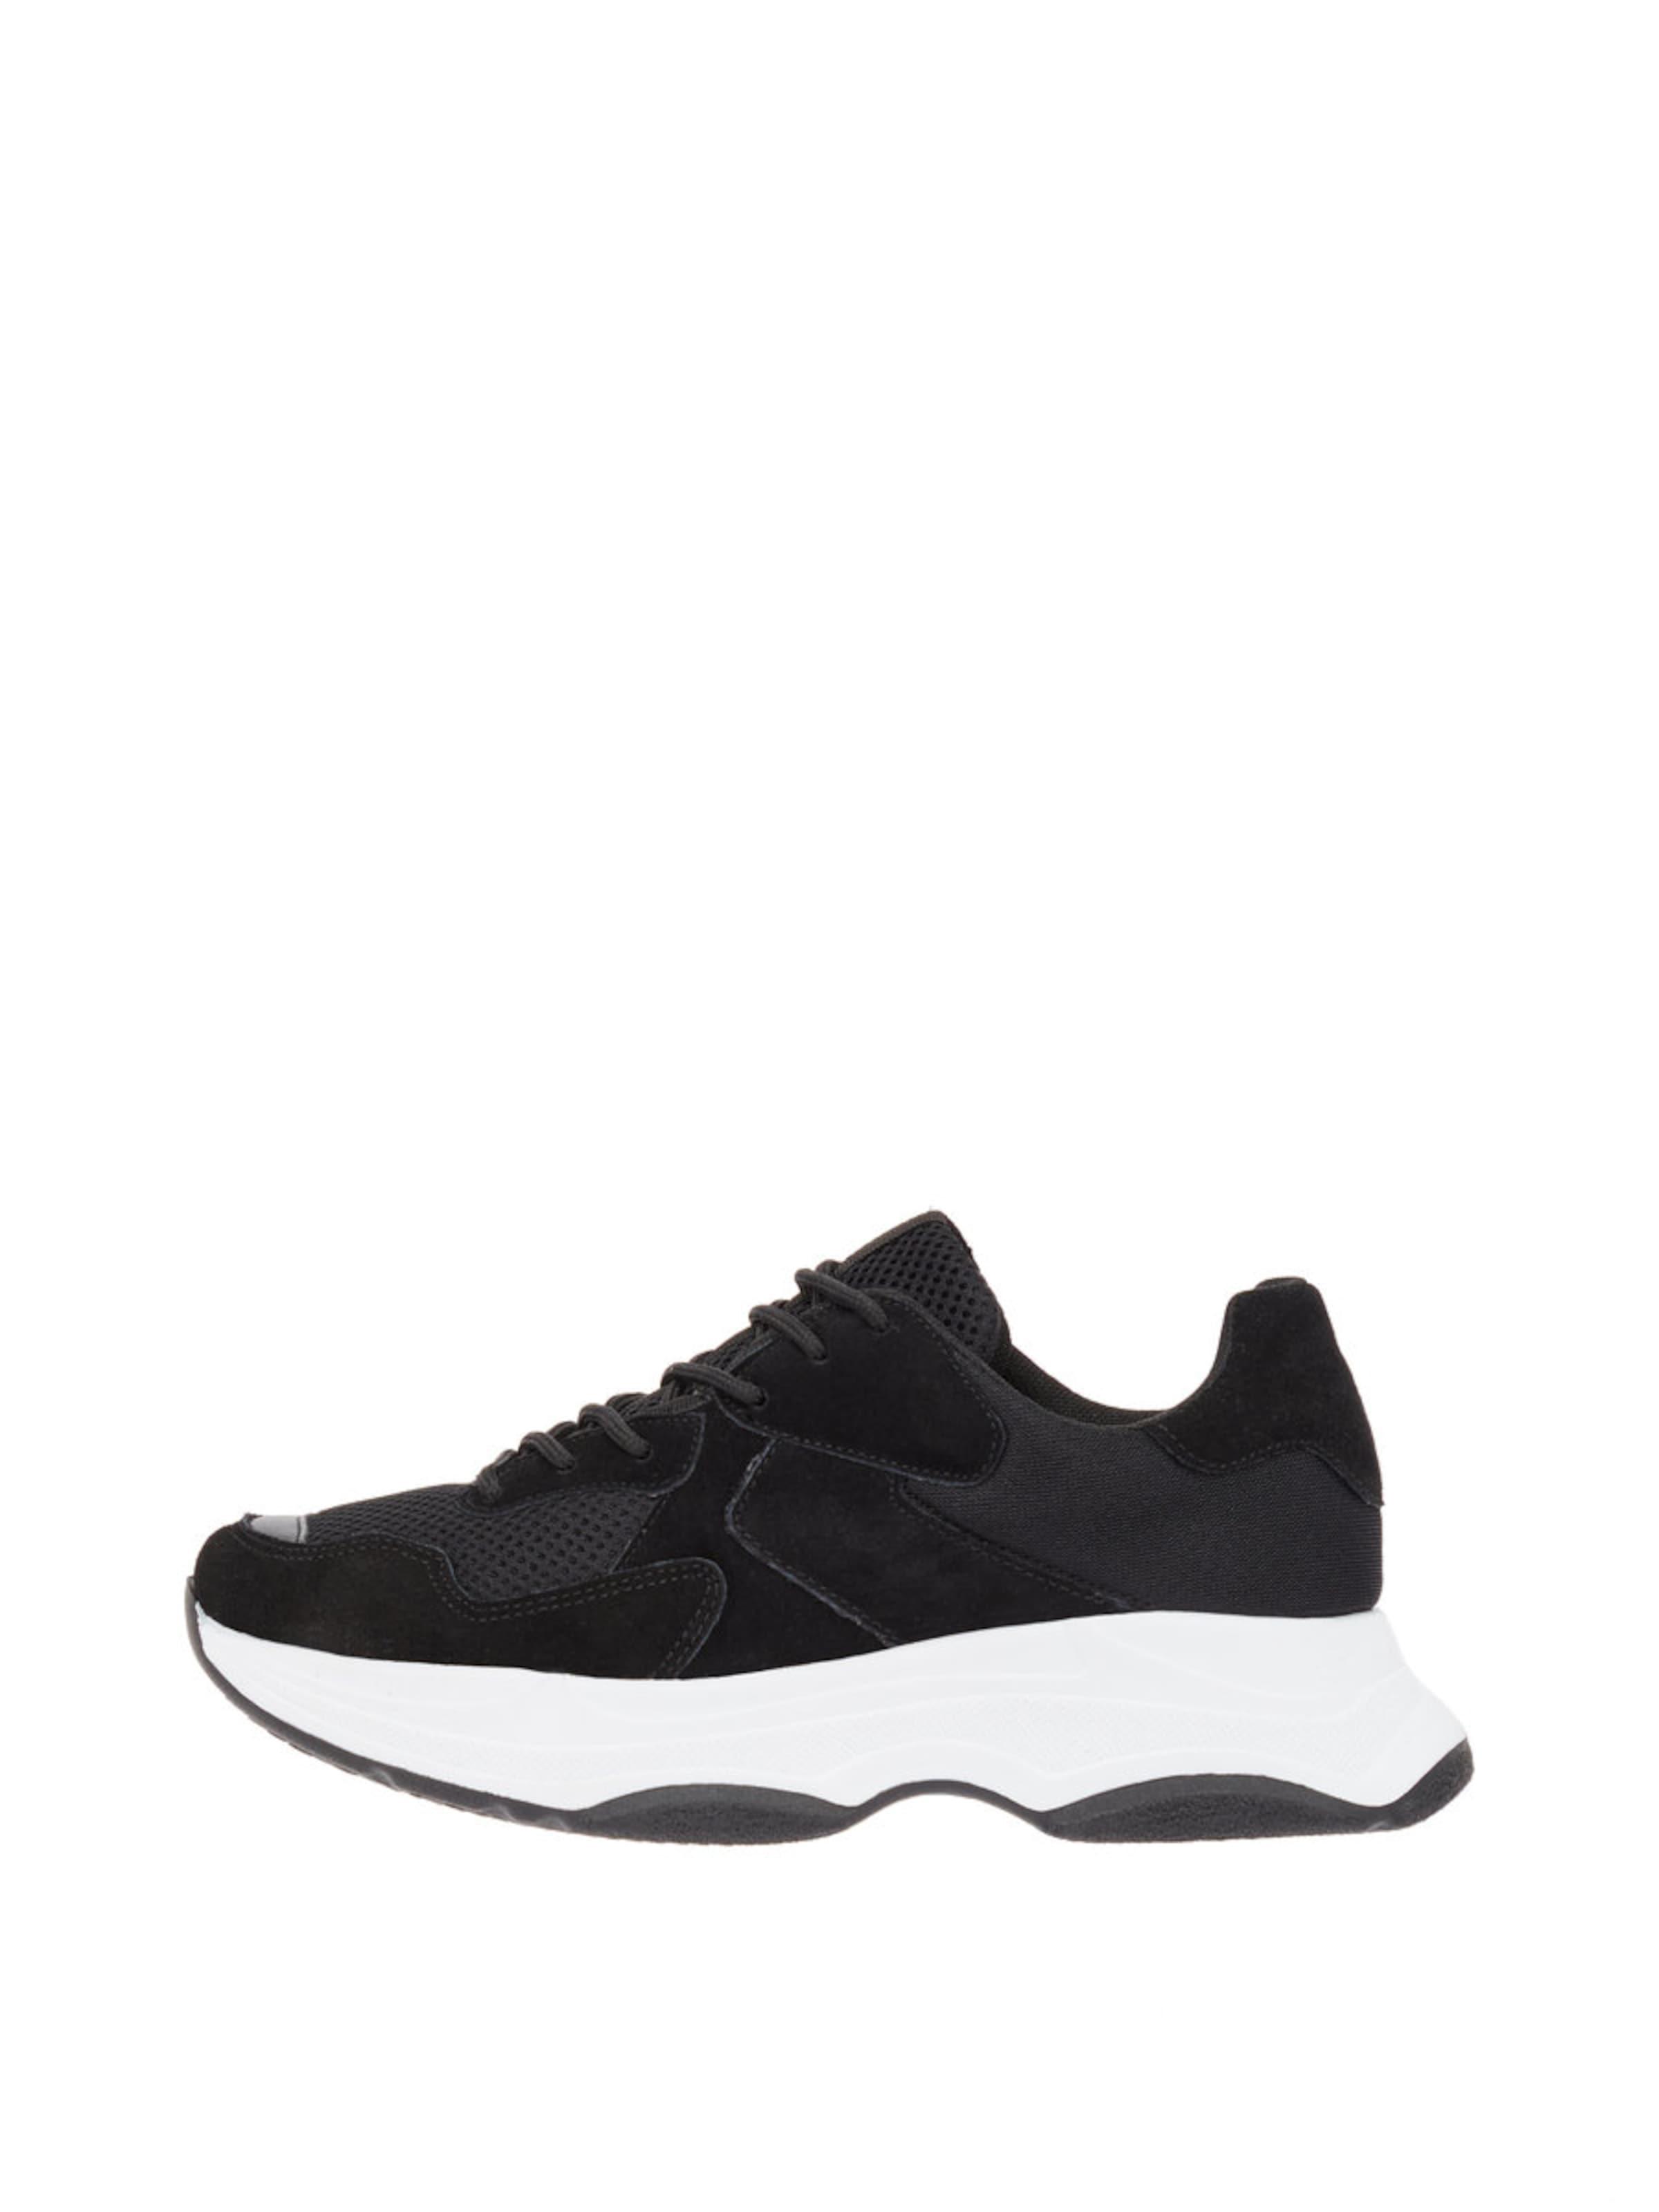 Bianco Kompakte Sneaker Günstige Günstige Sneaker und langlebige Schuhe 24d137